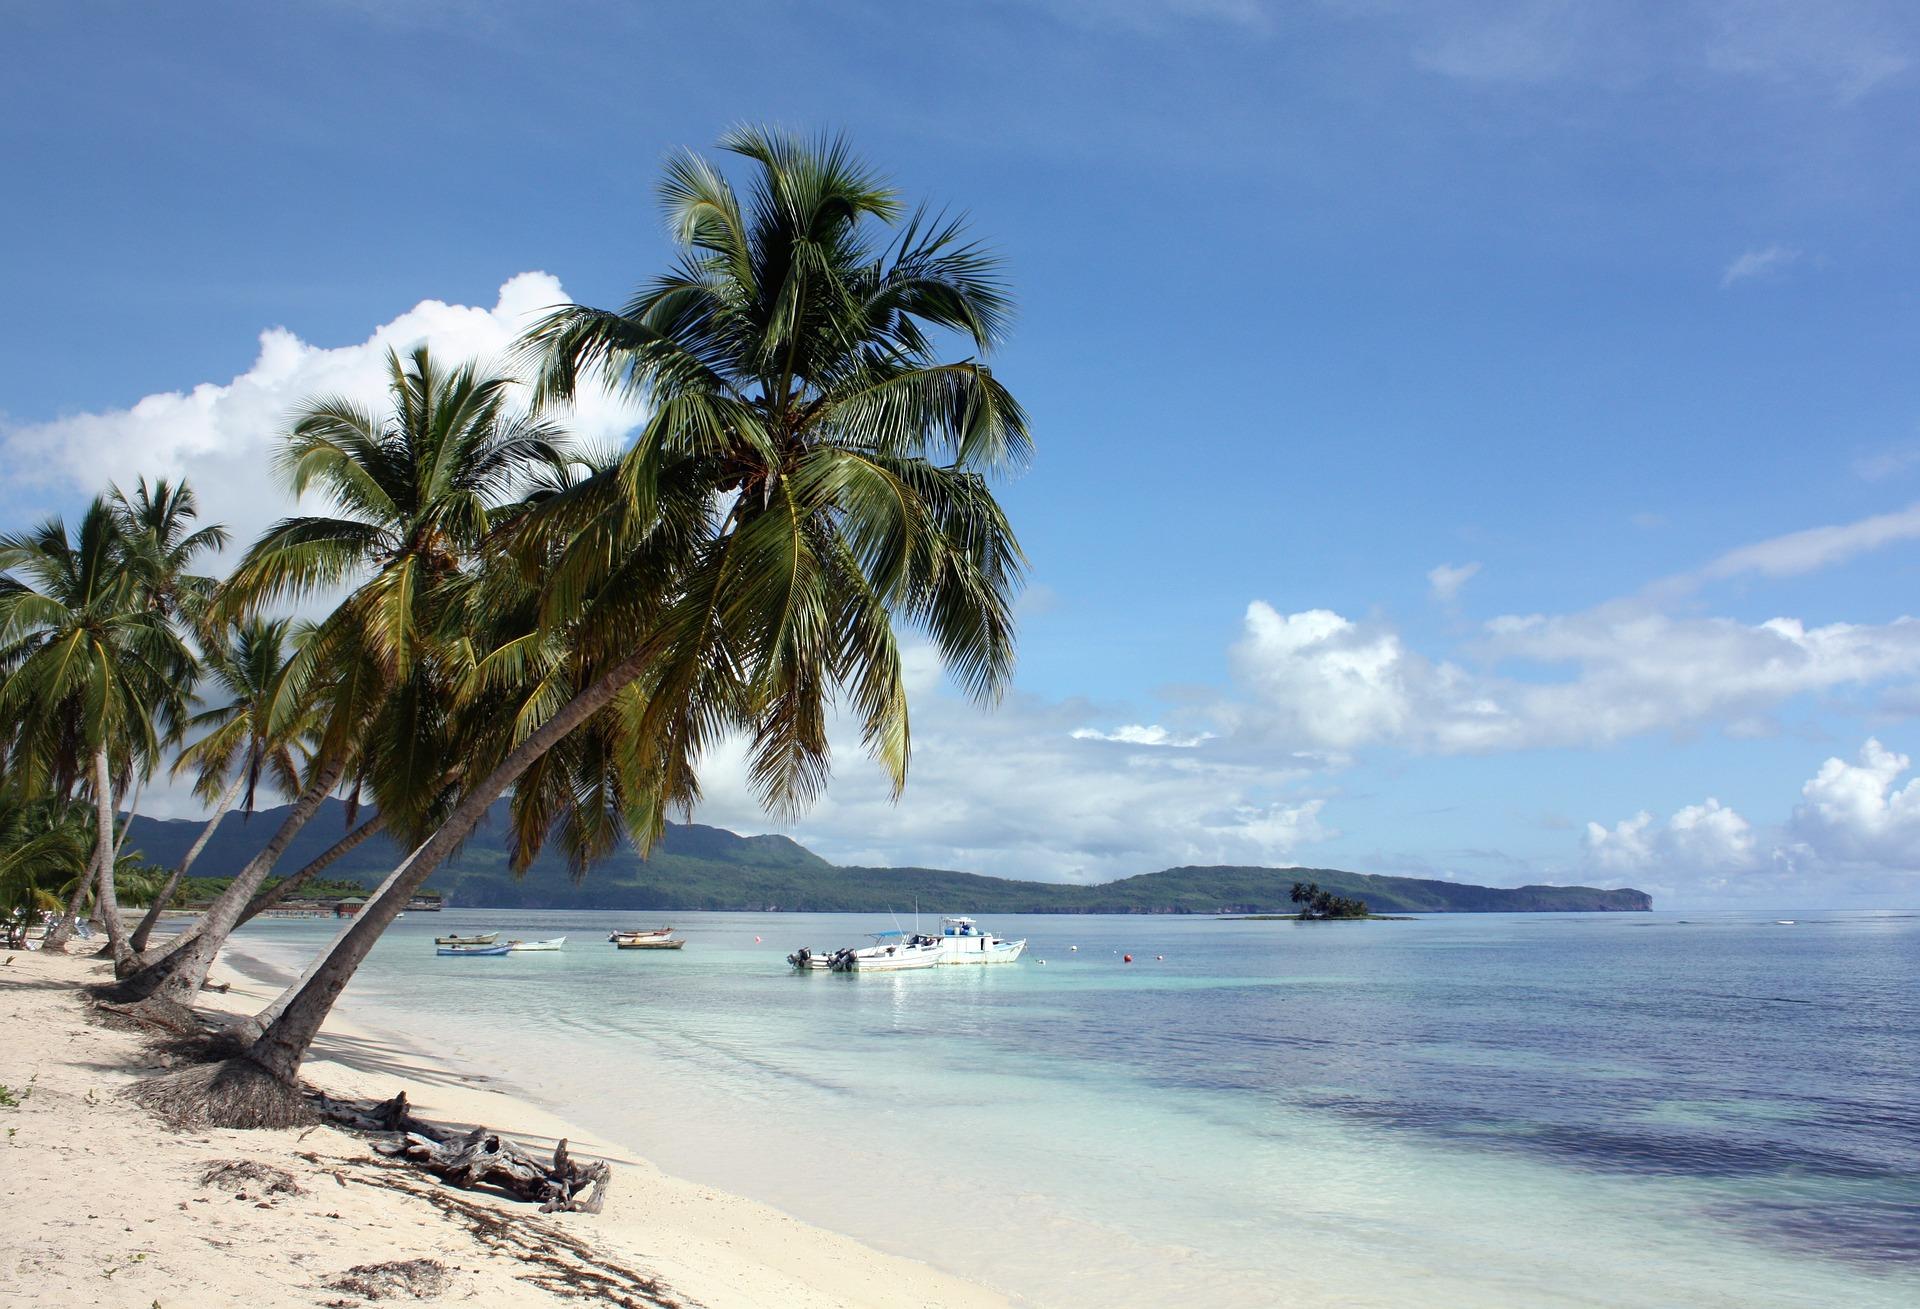 Traumziel Karibik & Entspannung pur - Bild